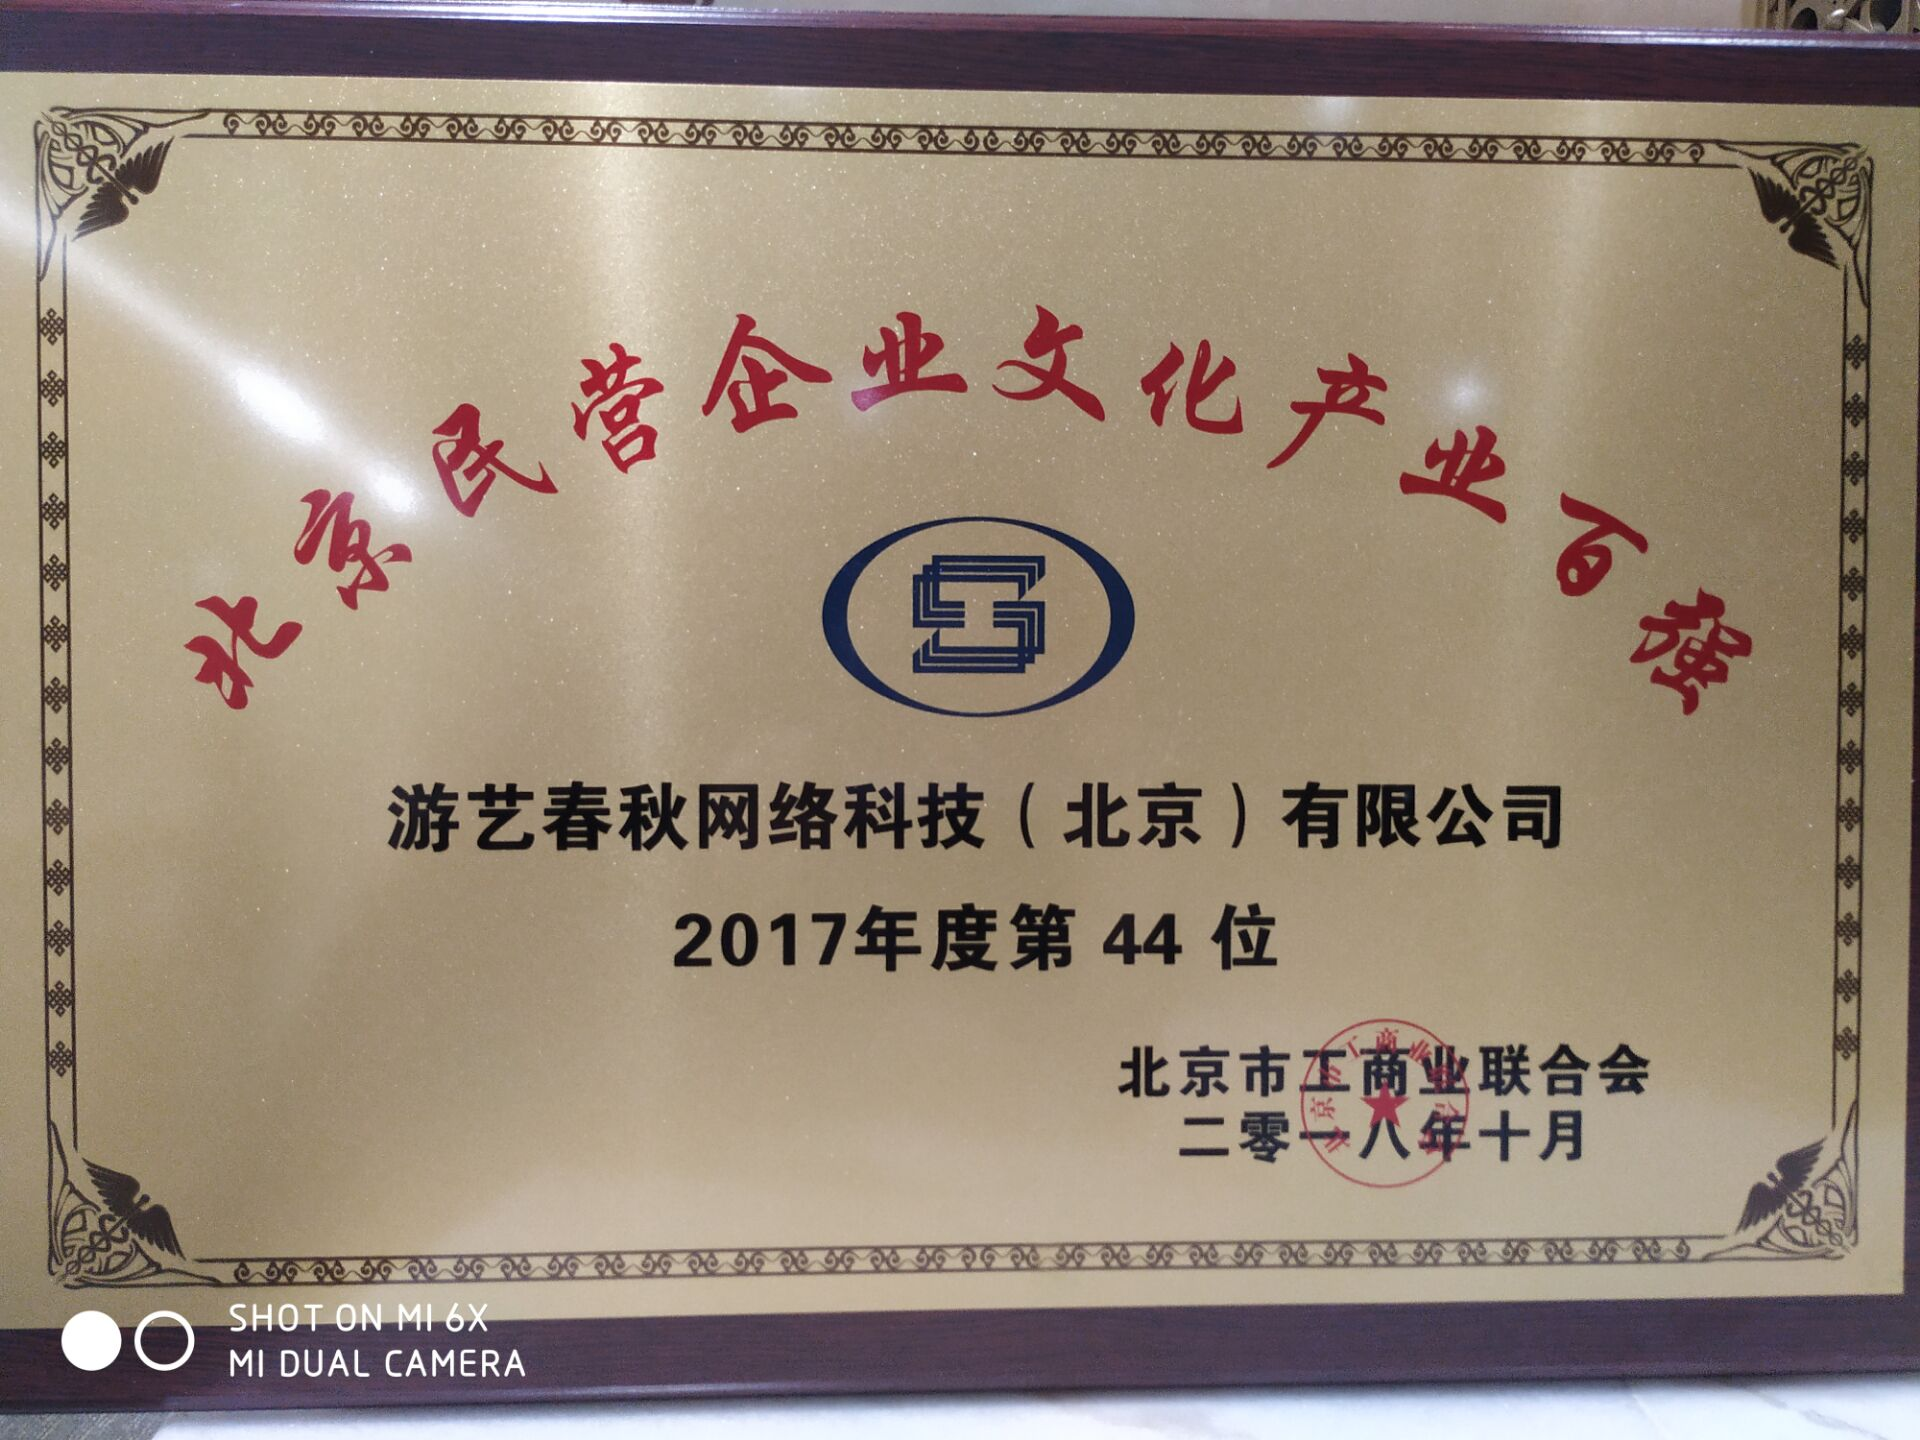 游艺春秋荣获2018年北京民营企业文化产业百强